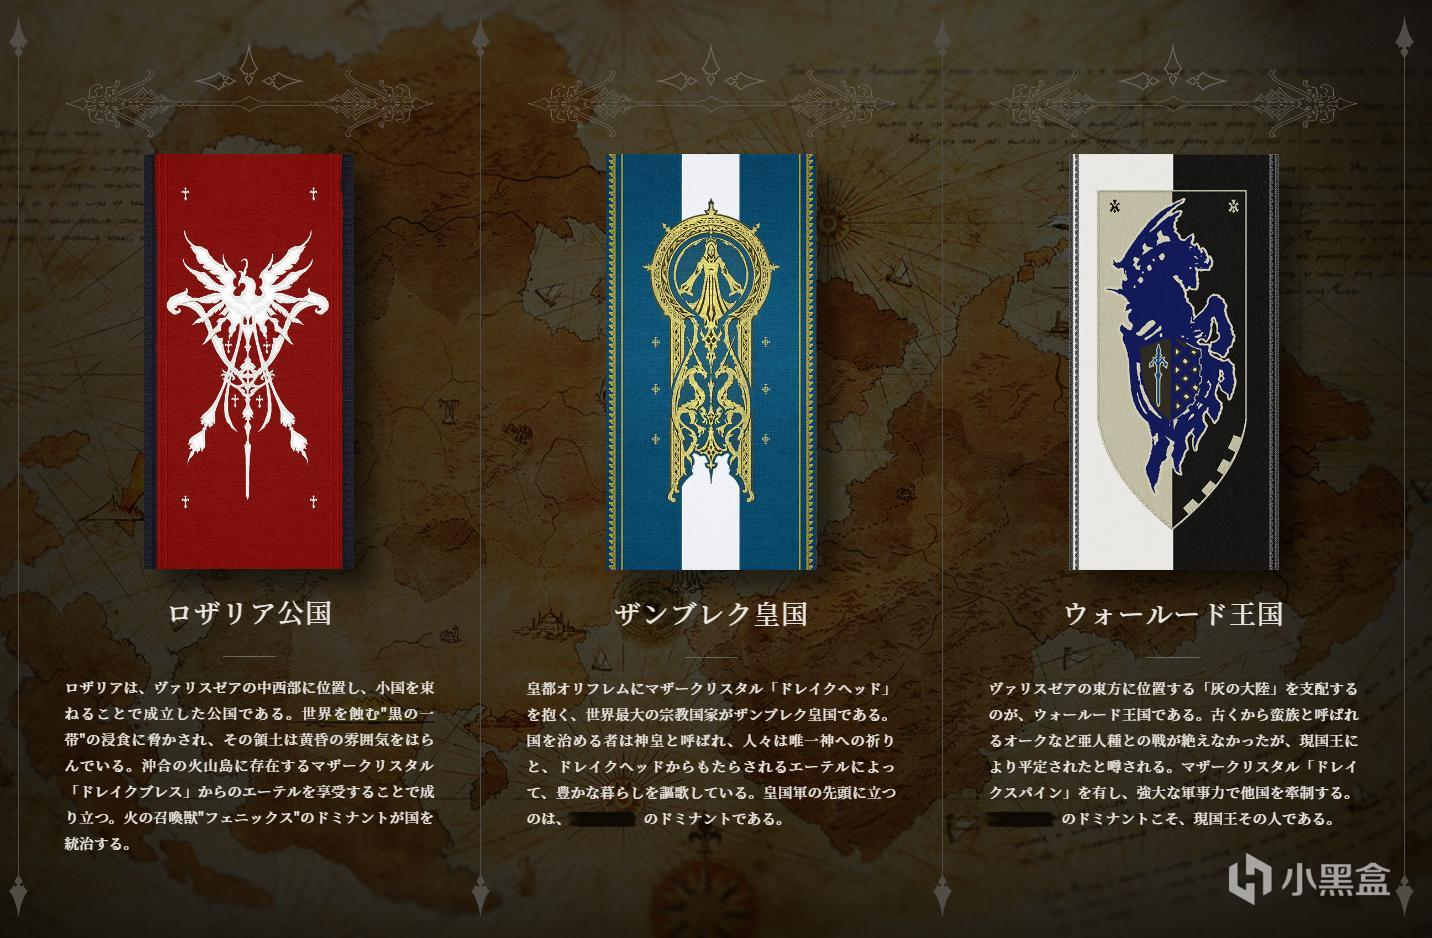 《最终幻想16》人物及世界观设定图公开,王子帅气登场